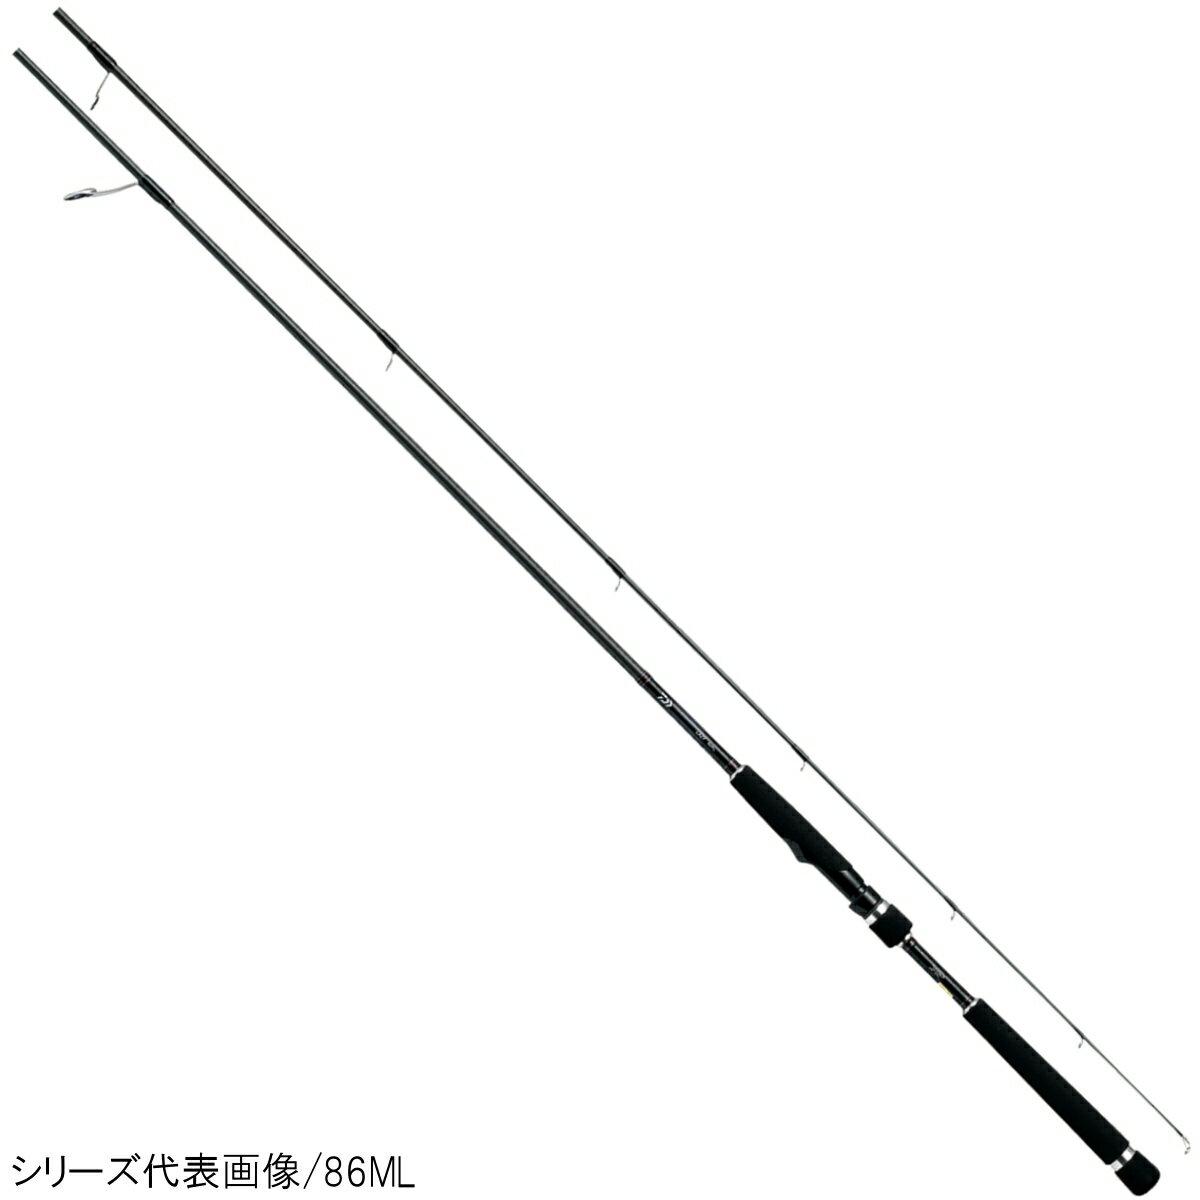 ダイワ レイジー スピニングモデル 90ML【送料無料】